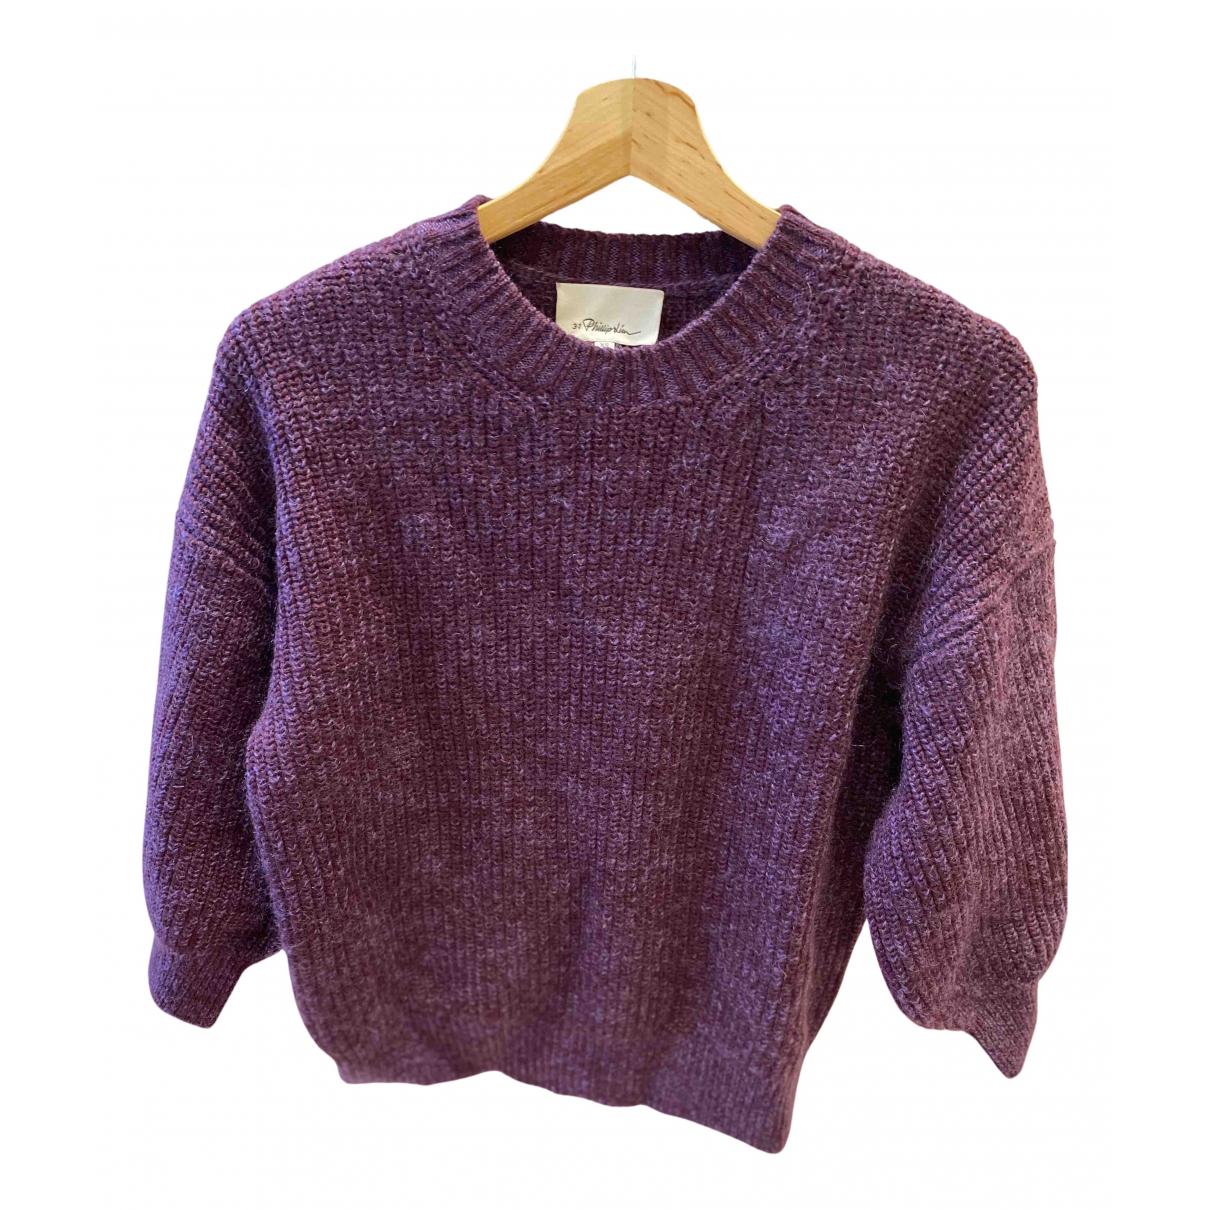 3.1 Phillip Lim - Pull   pour femme en laine - violet